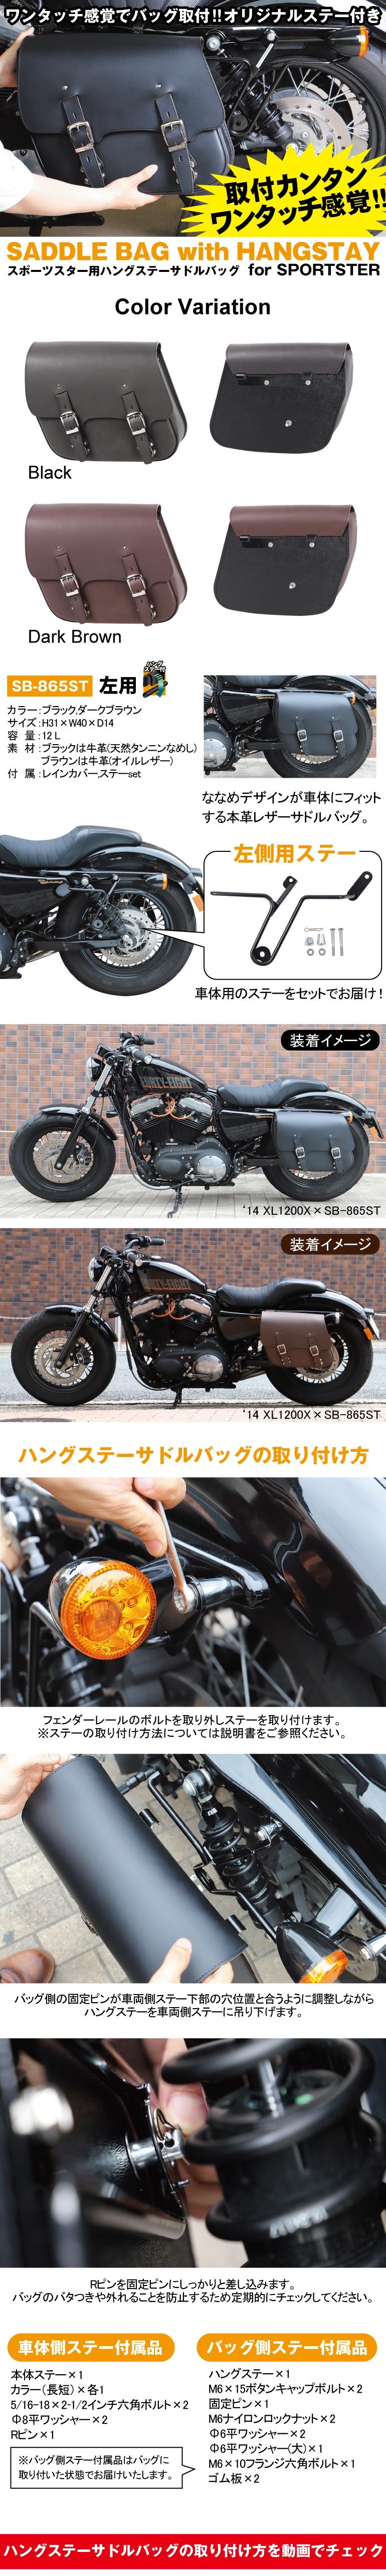 バイク サドルバッグ 本革 ハーレー ツーリング 牛革 サイドバッグ